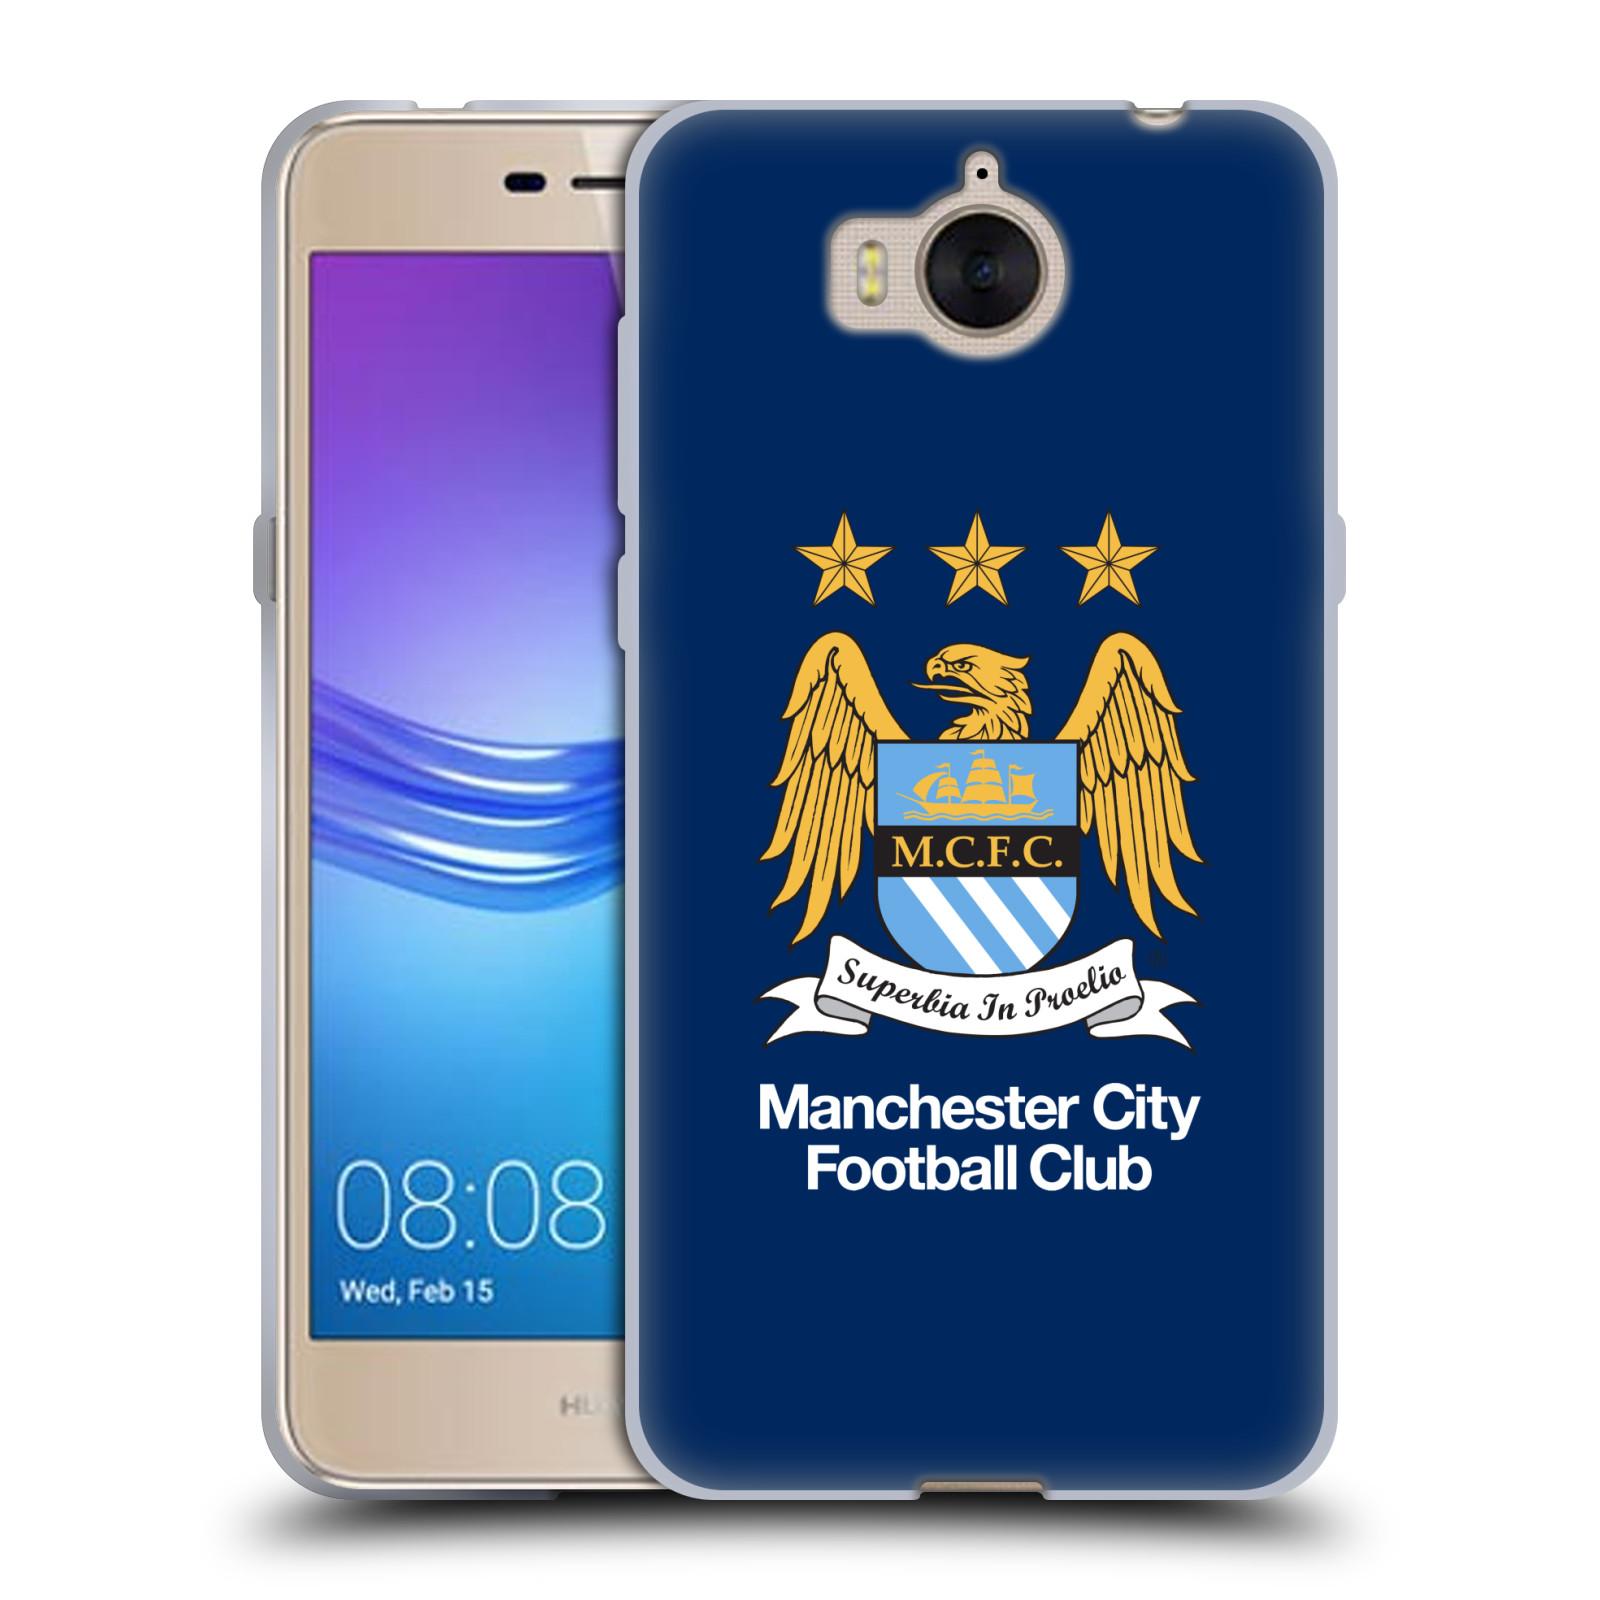 HEAD CASE silikonový obal na mobil Huawei Y5 2017 Fotbalový klub Manchester City modré pozadí velký znak